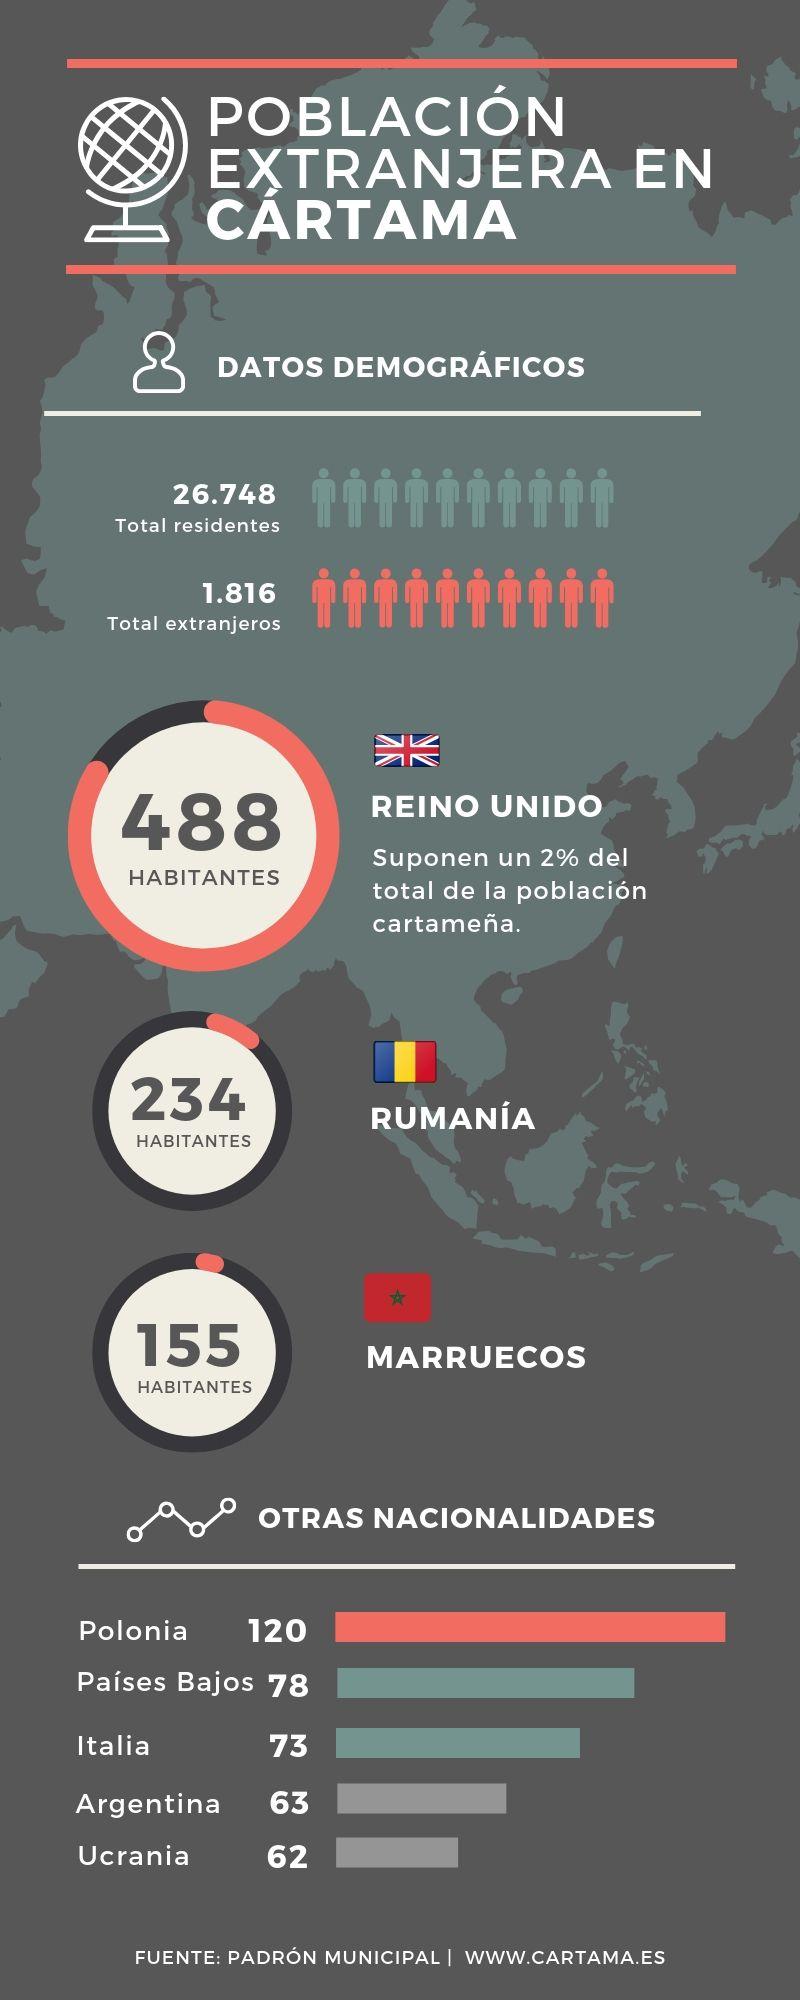 Población extranjera Cártama 2019